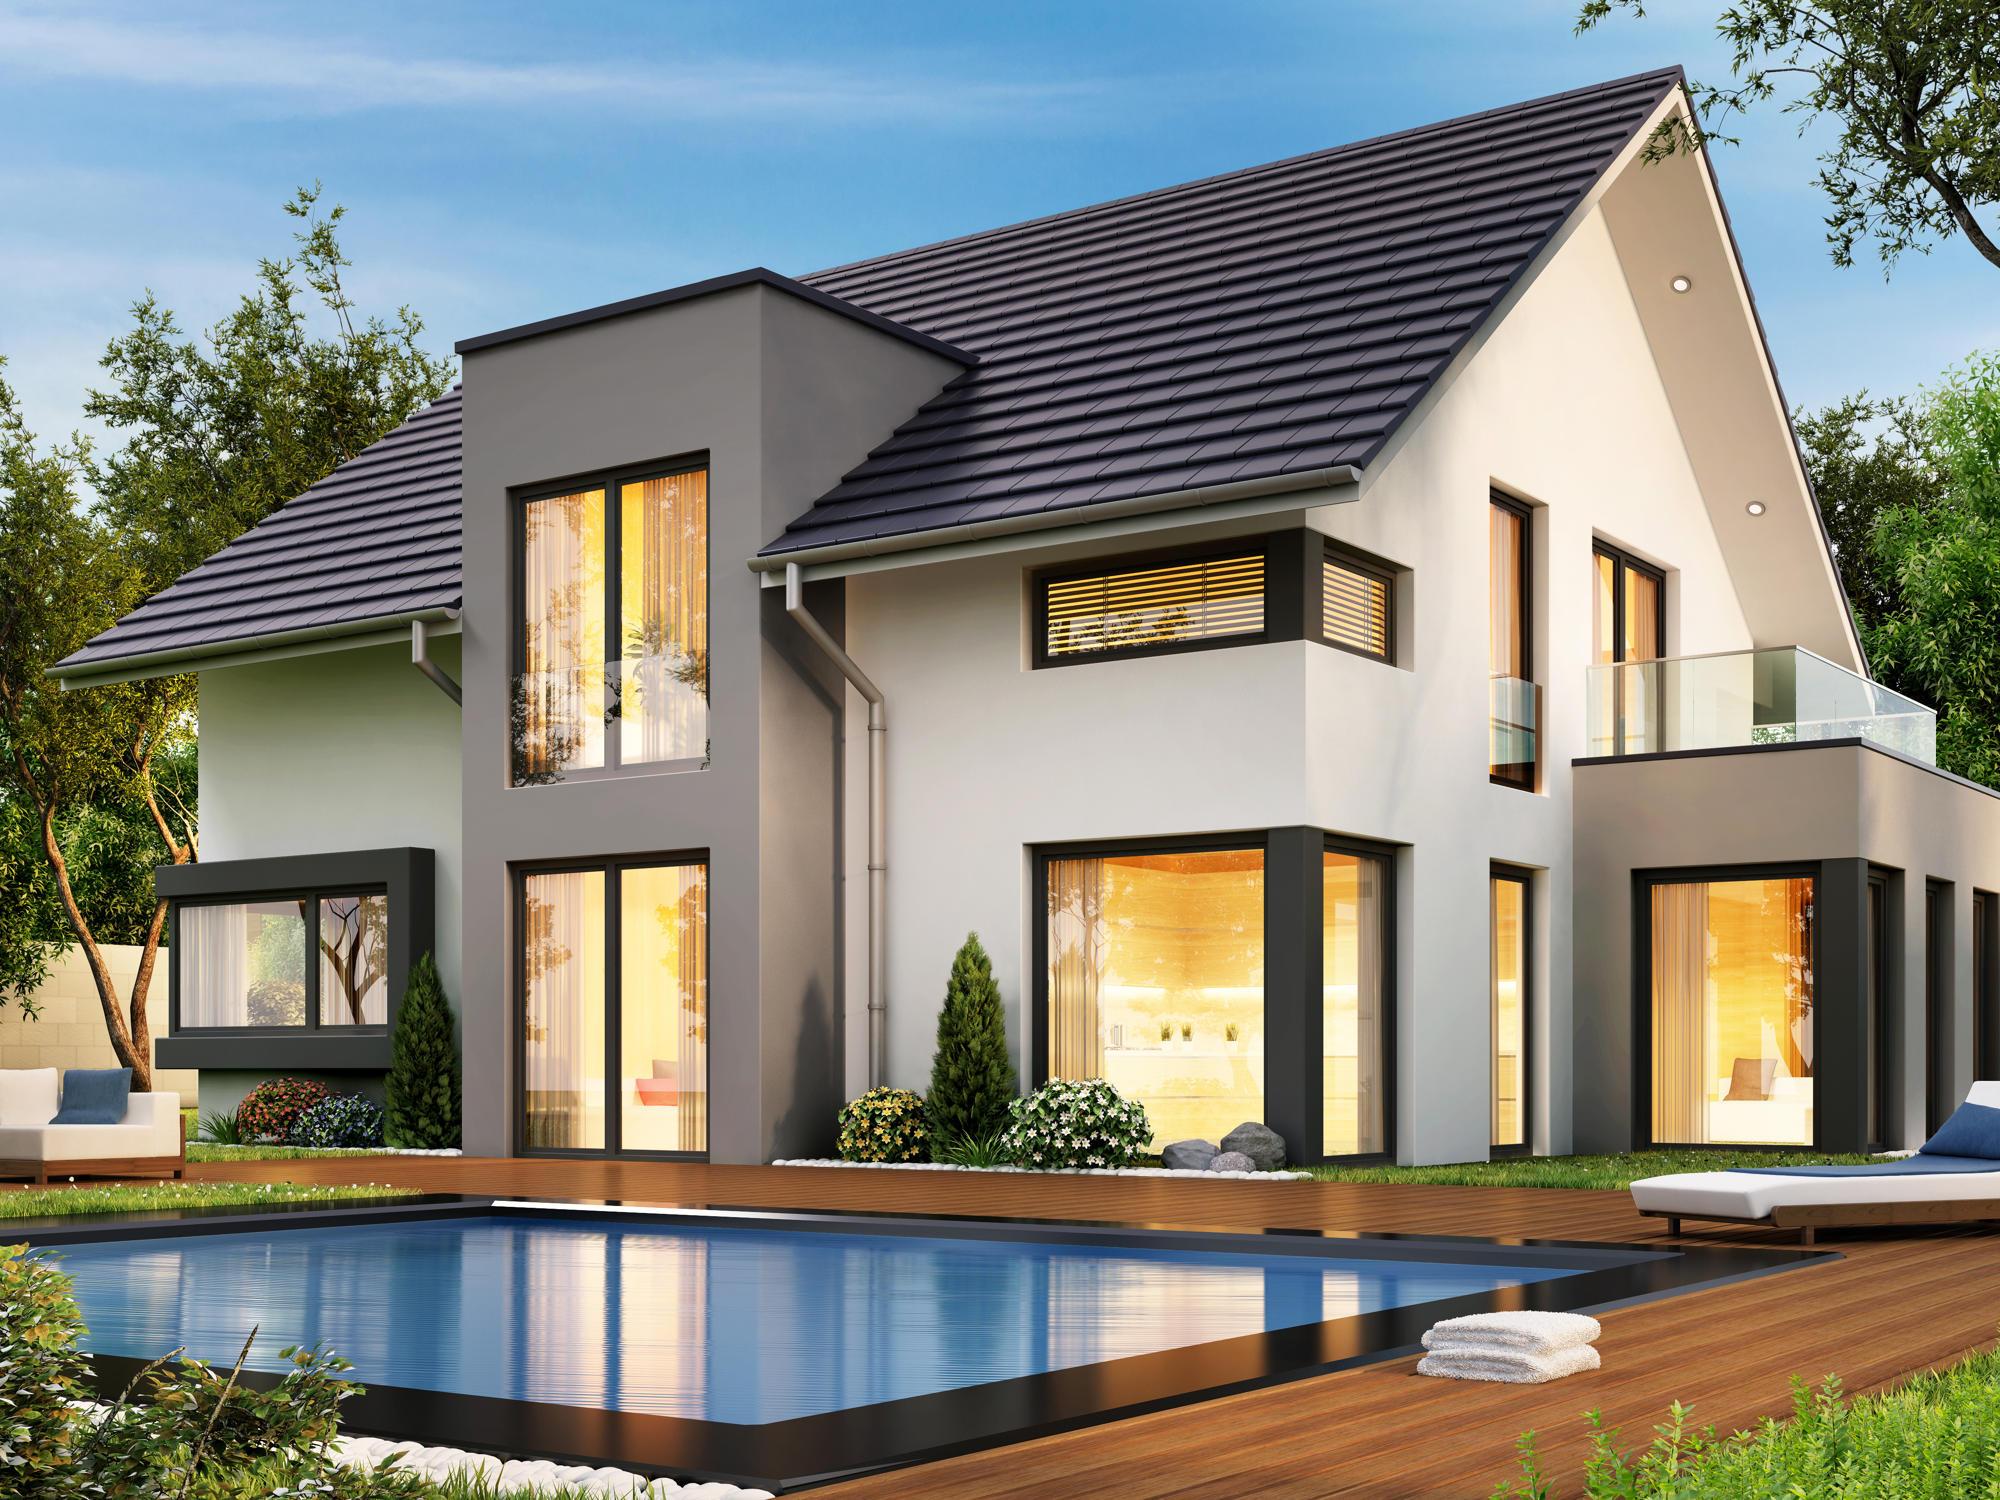 Haus Bauen Kiel mehrgenerationenhaus 230 mehrgenerationenhaus mit über 200 qm